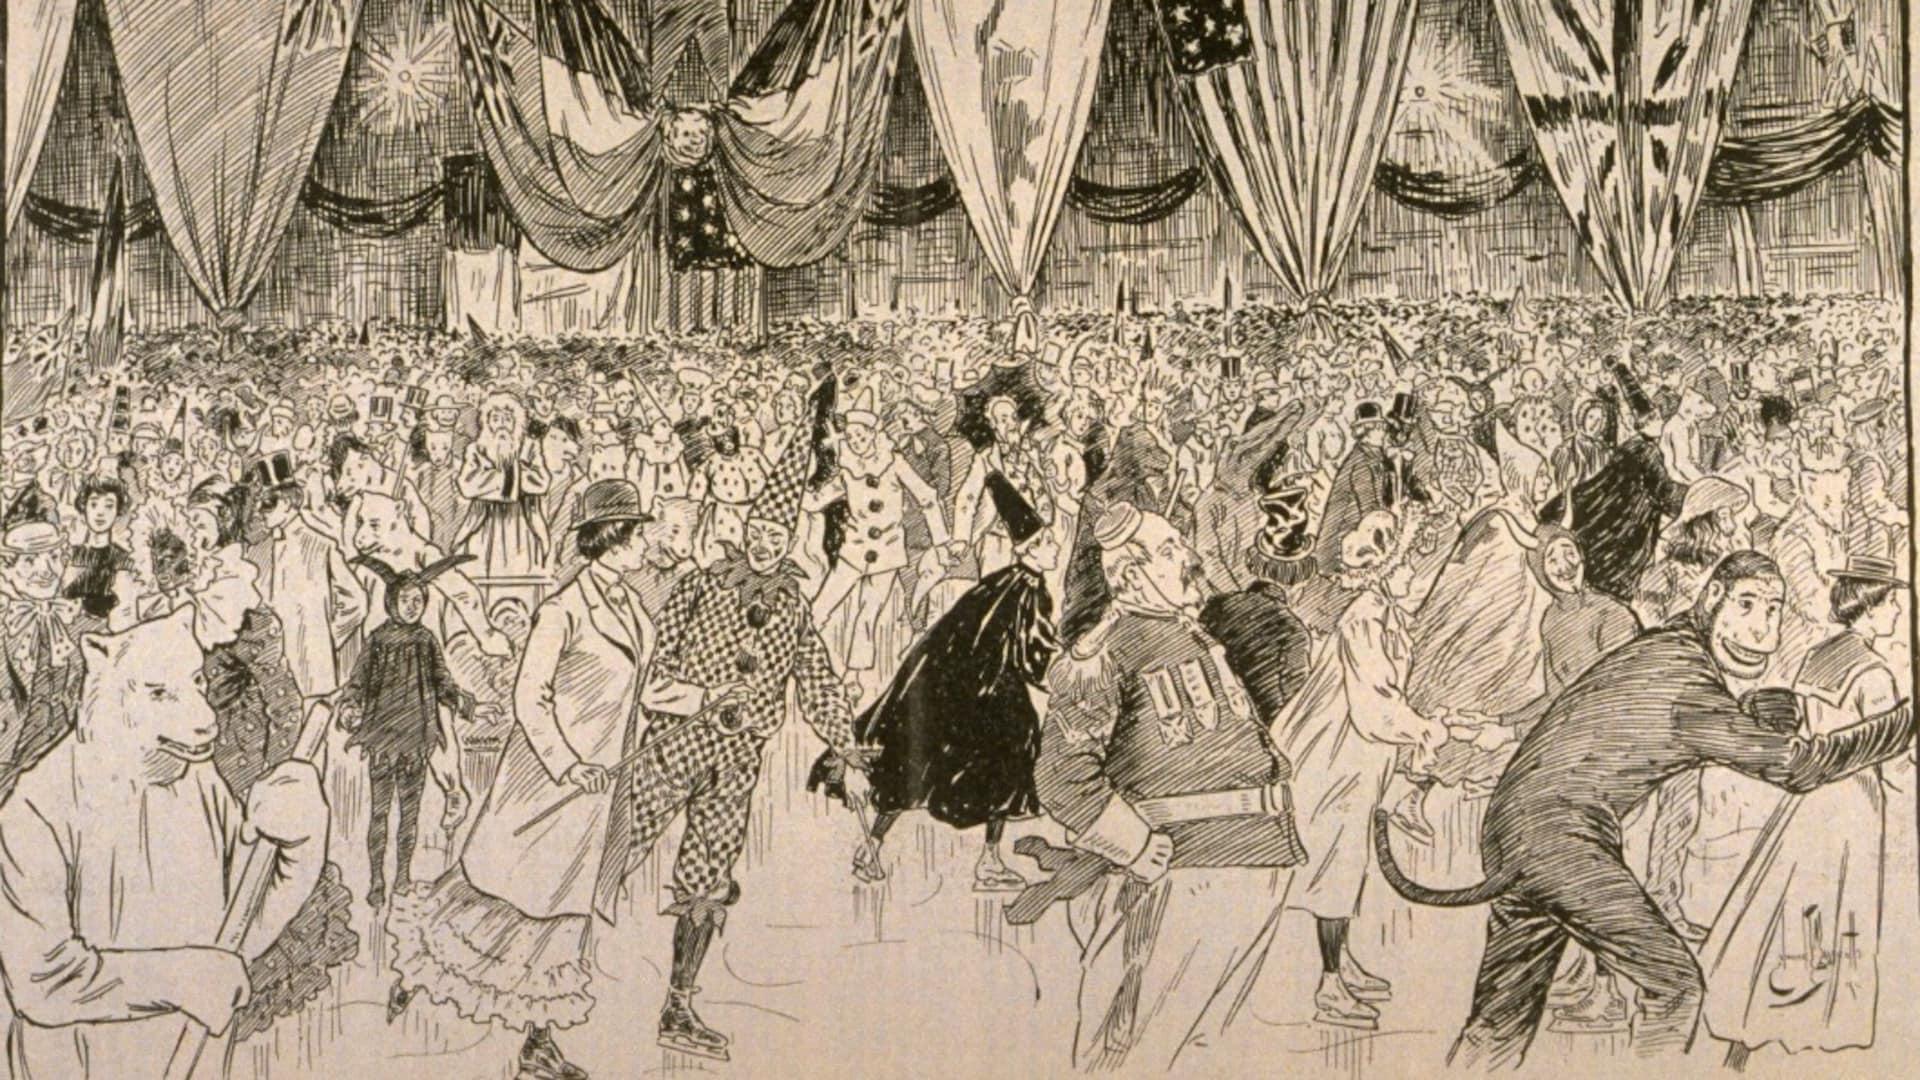 La foule est dense sur la patinoire intérieure décorée de l'image, on ne voit presque pas la glace. Les costumes sont incroyablement variés, de l'Arlequin au loup en passant par le sorcier ou le singe!